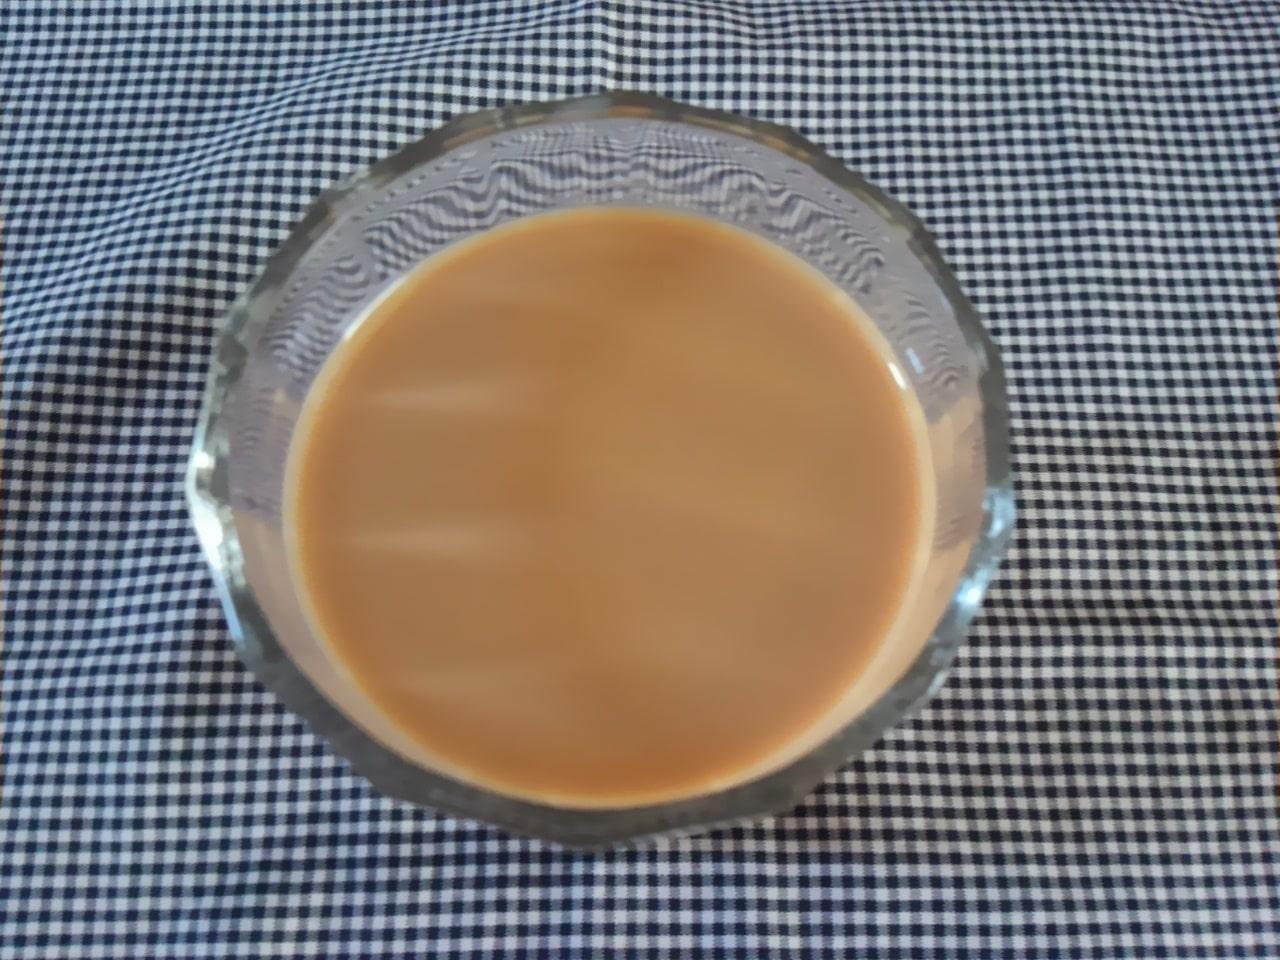 マウントレーニアのカフェラッテソルティキャラメルの感想・口コミ・カロリー・値段